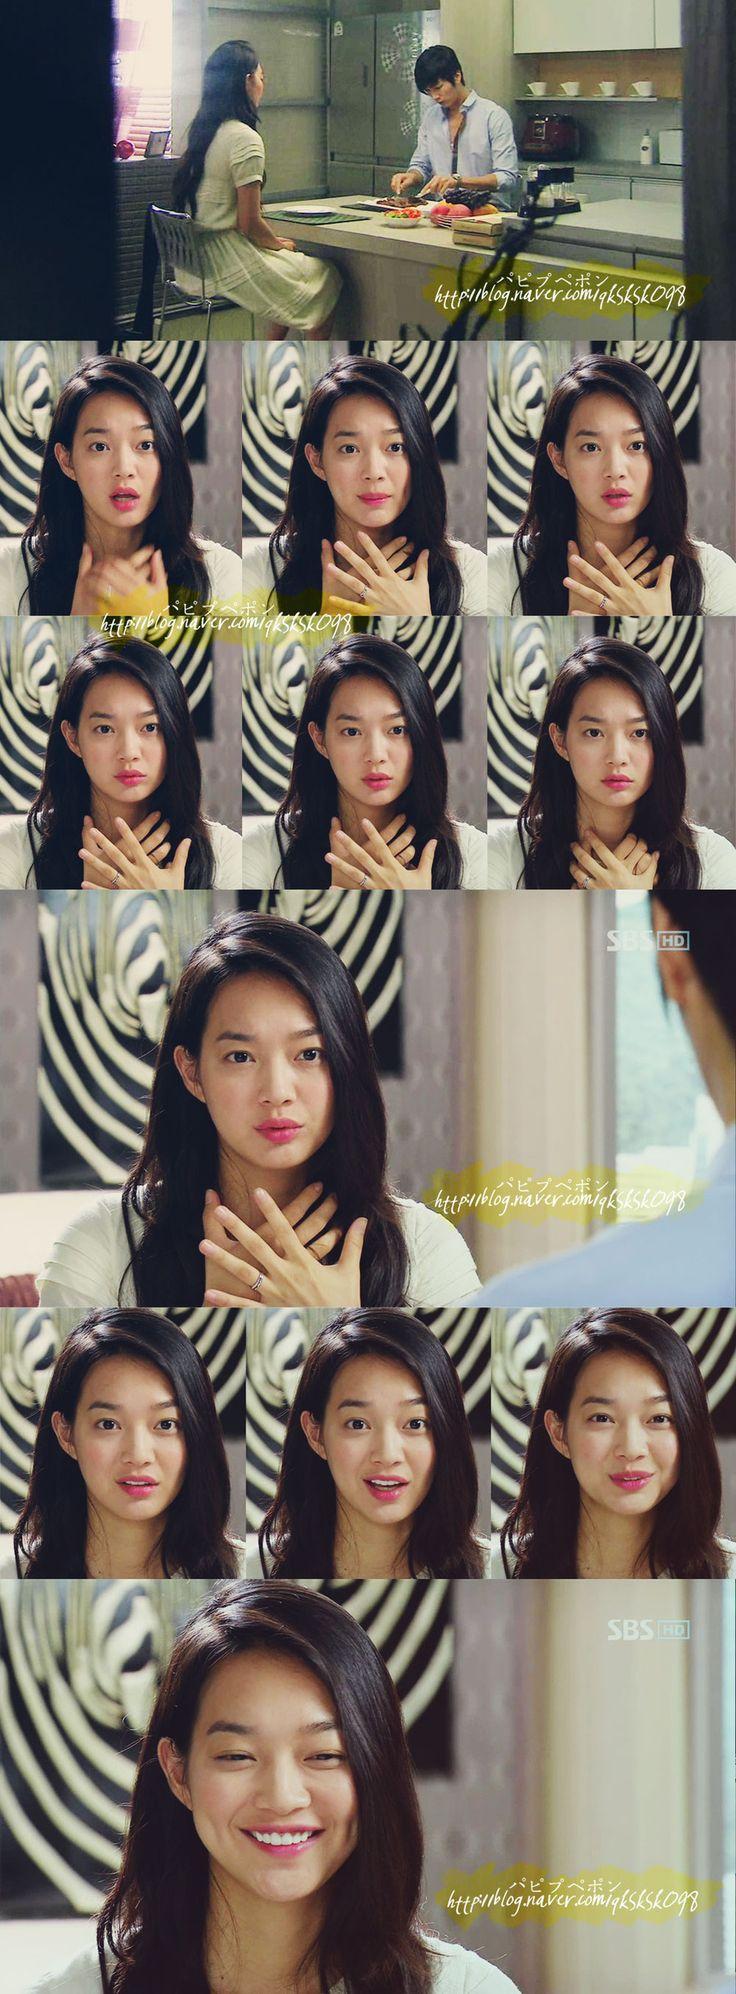 내 여자친구는 구미호 6화 신민아 캡쳐④ : 네이버 블로그